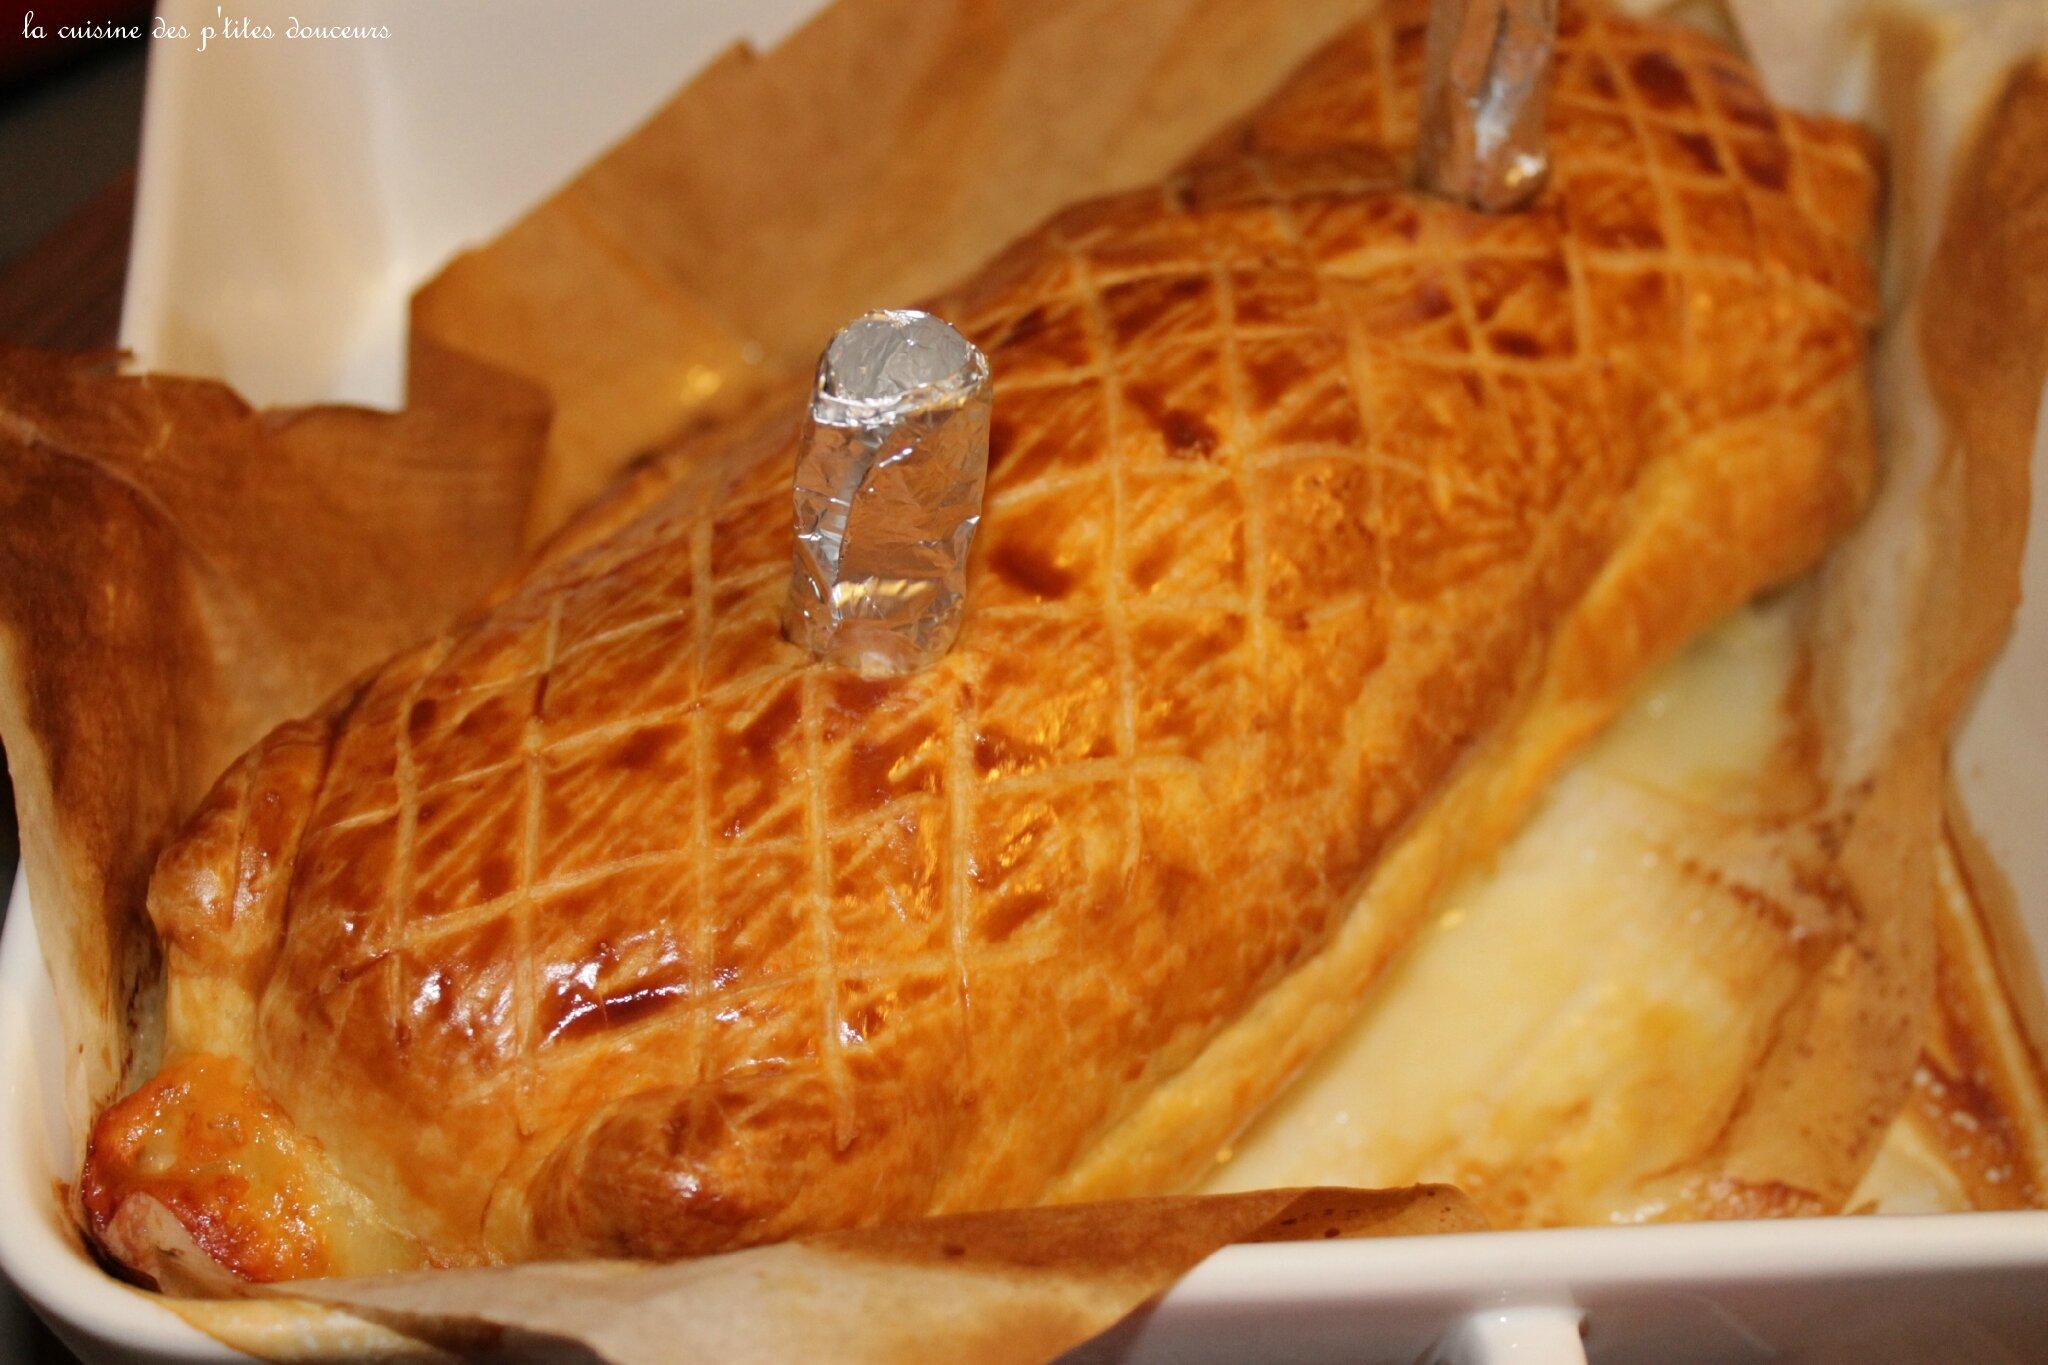 Le filet mignon en cro te de scarlet rose la cuisine des p 39 tites douceurs - Filet mignon en croute jambon ...